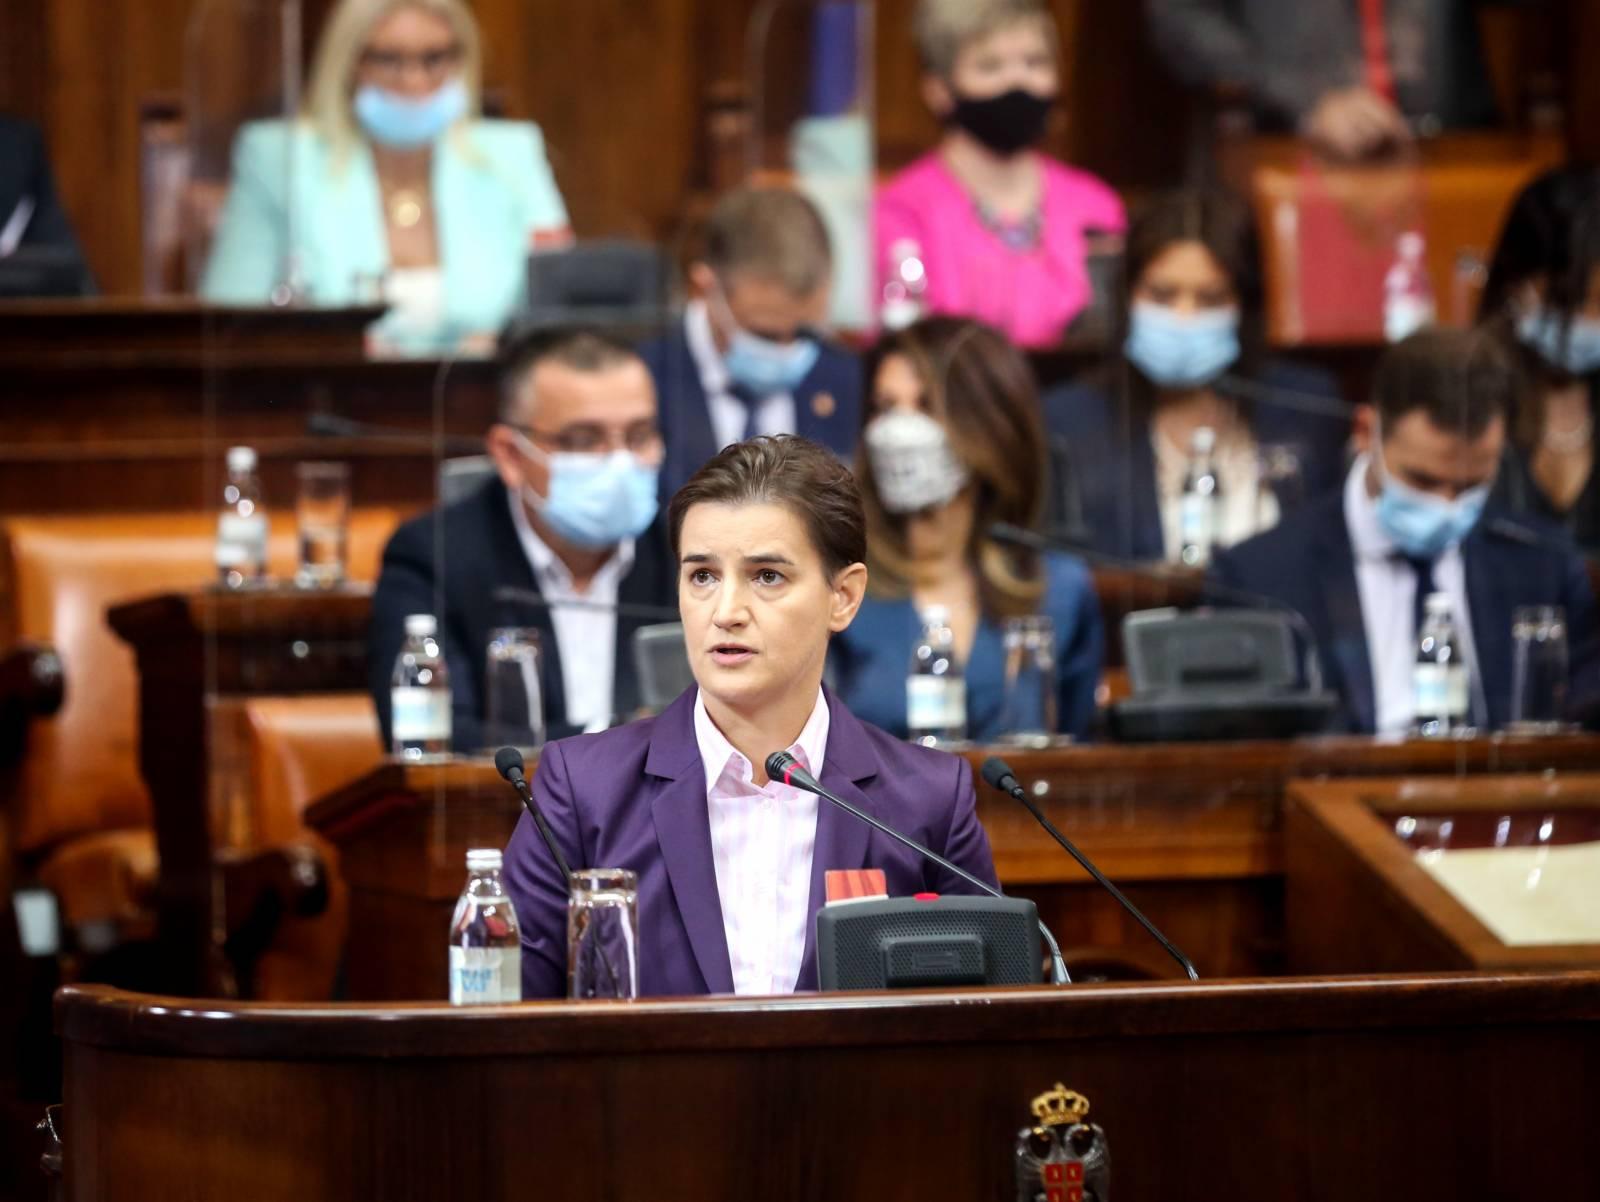 10月28日,塞爾維亞總理布爾納比奇在首都貝爾格萊德舉行的國民議會特別會議上講話。(新華社)